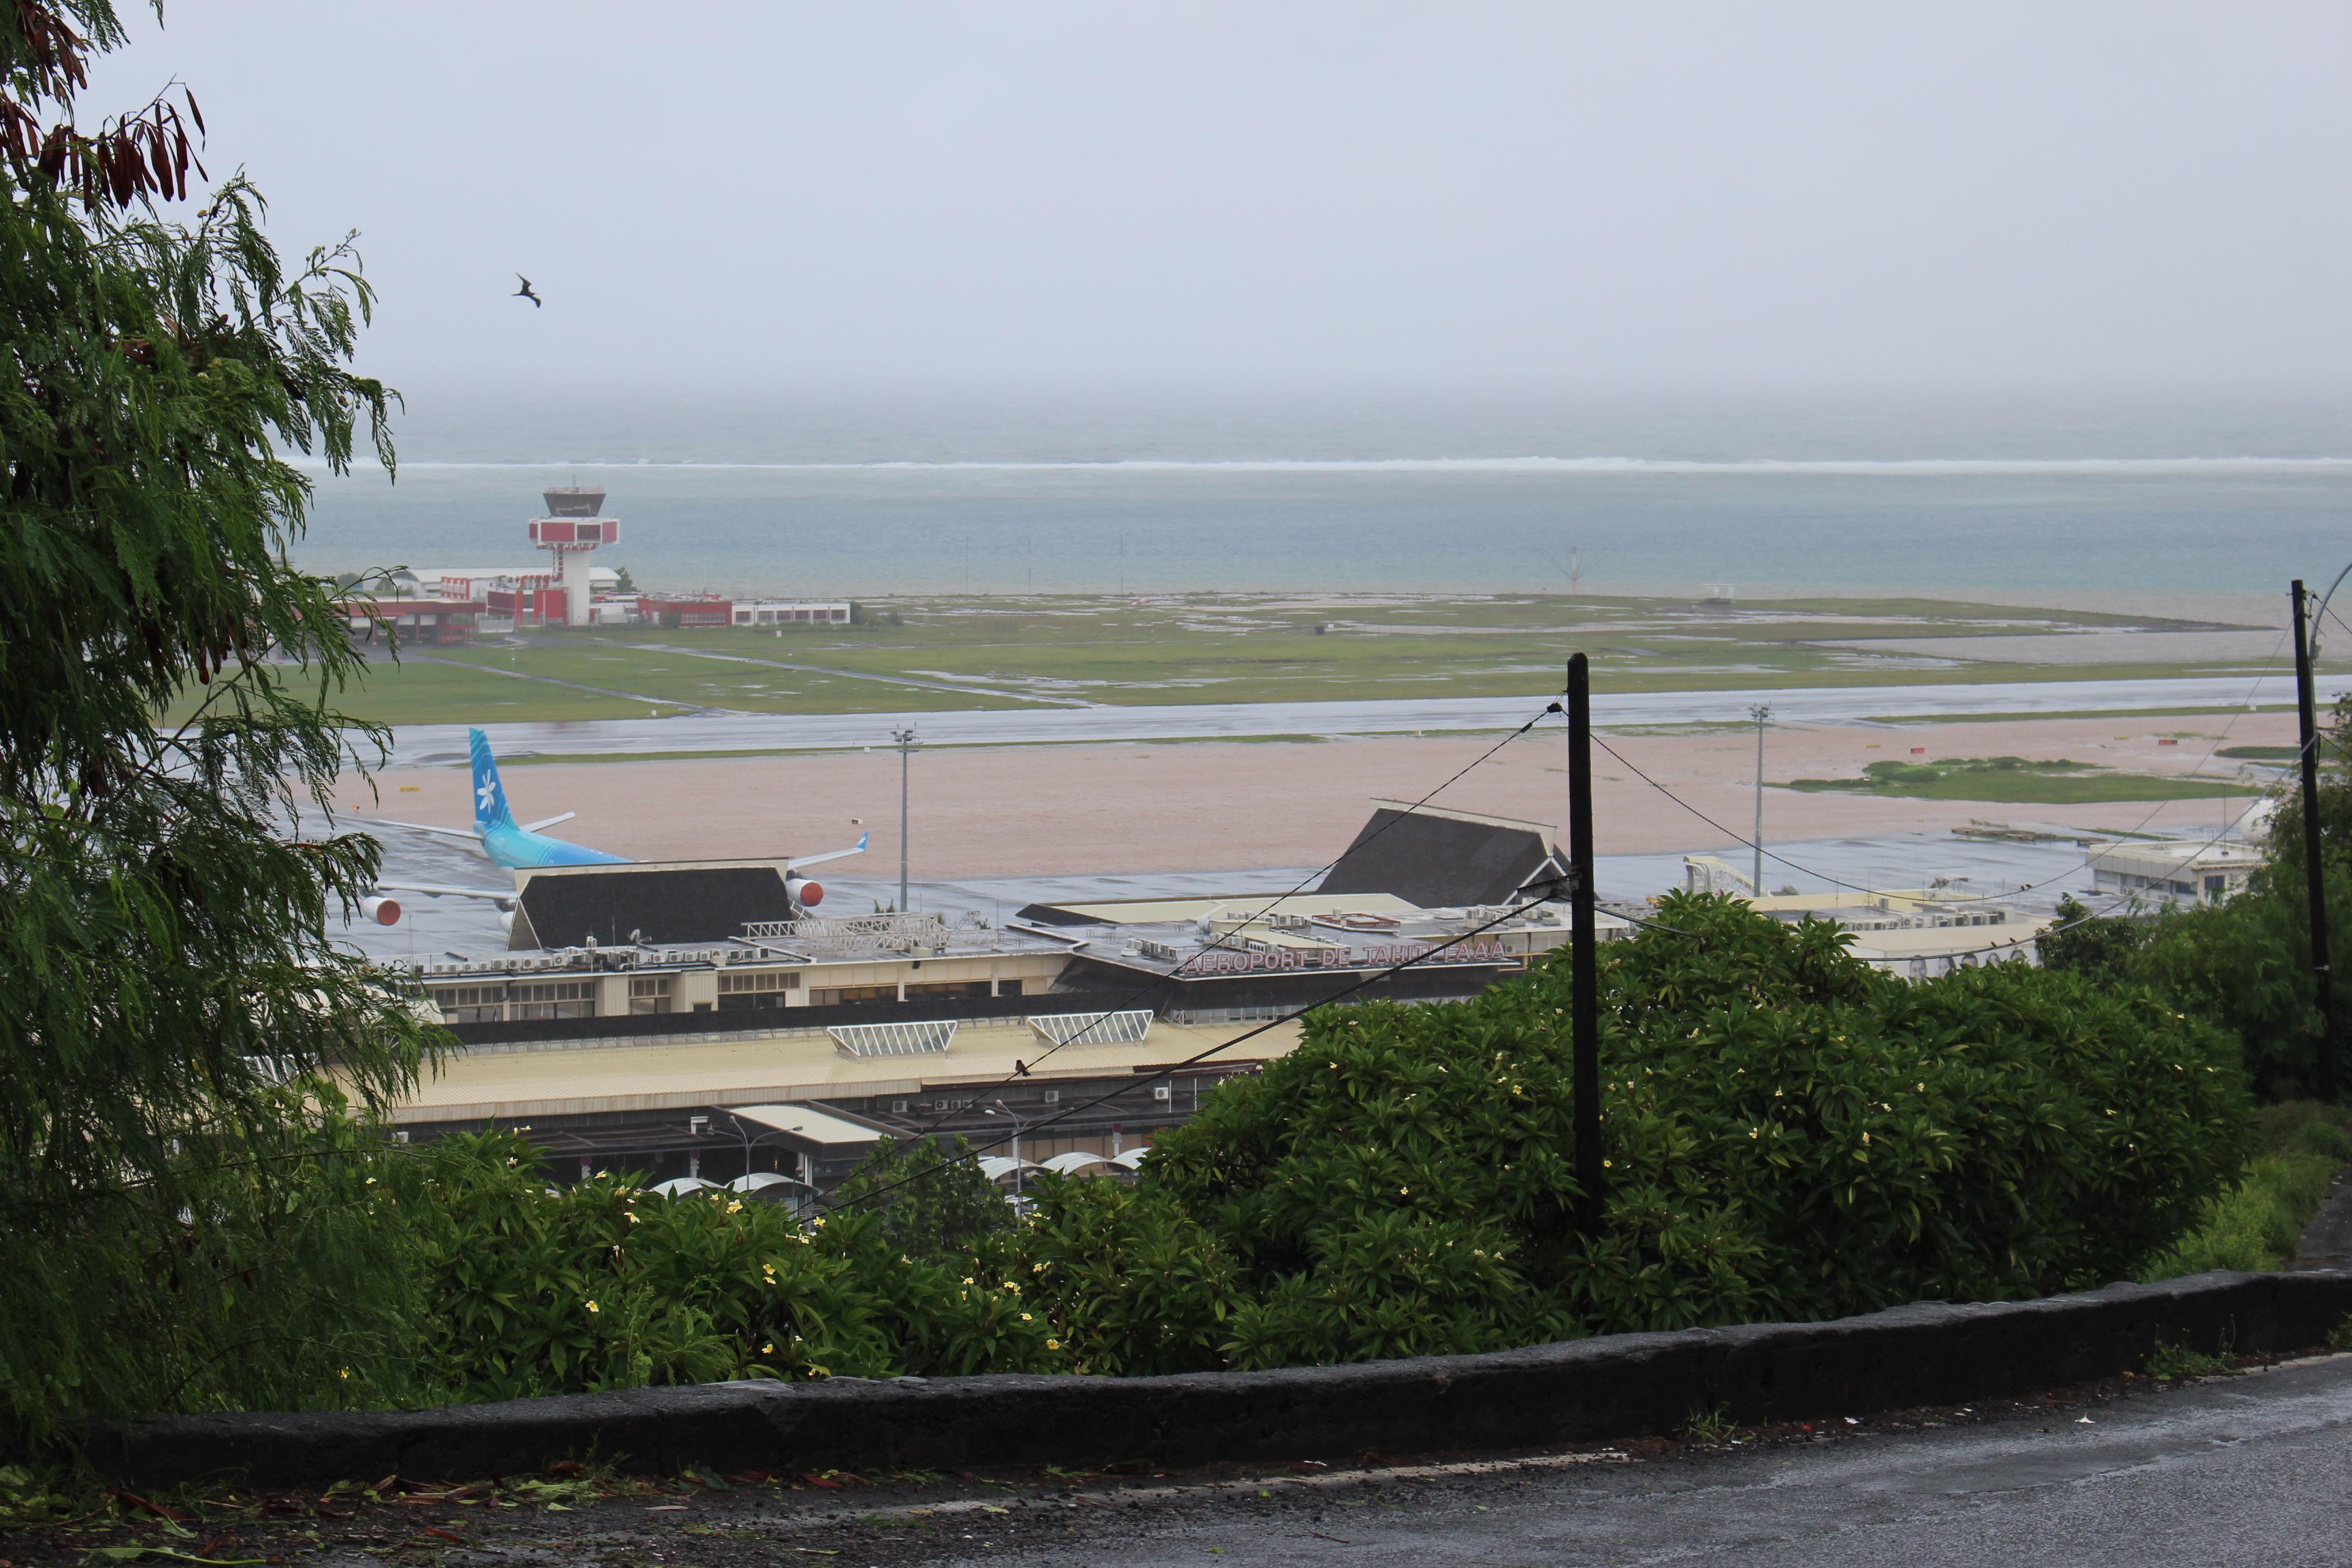 Du côté de l'aéroport de Faa'a, quelques zones ont été inondées. Épargnée pour le moment, la piste reste ouverte. Aucune modification non plus sur les vols réguliers et internationaux.